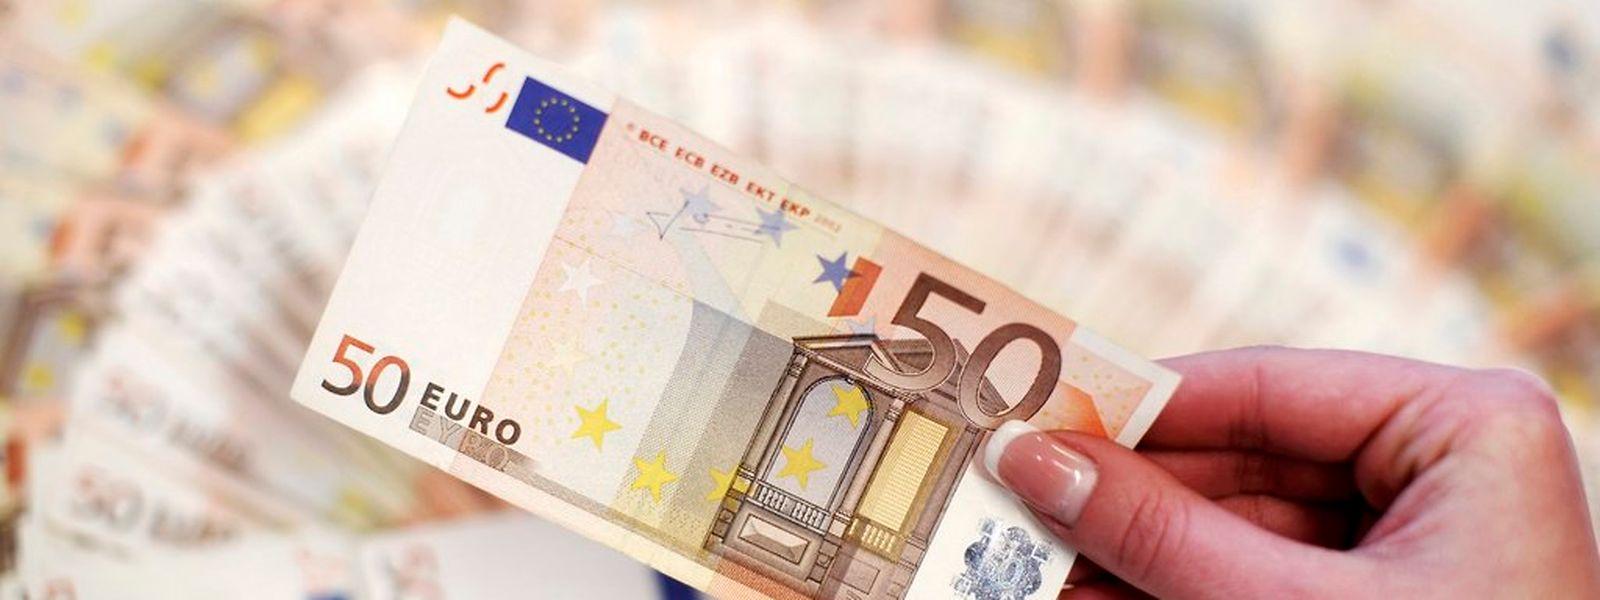 Wie die Entscheidung sich auf die wirtschaftliche Entwicklung in der Eurozone auswirkt, bleibt abzuwarten.